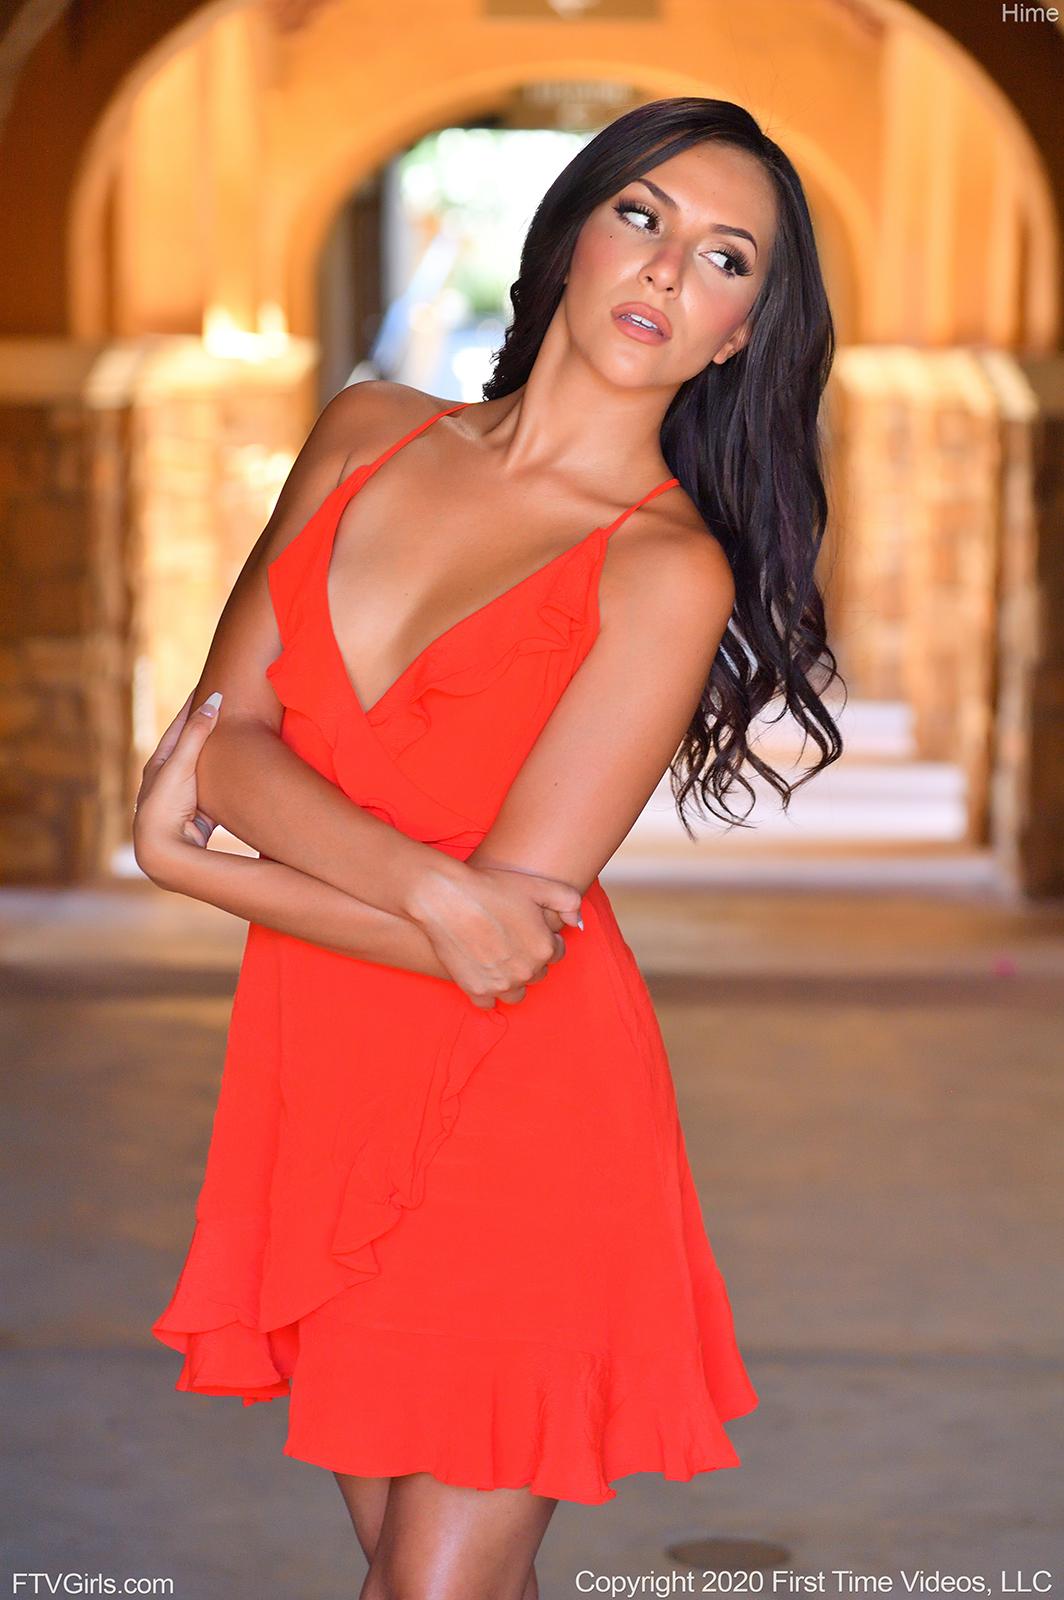 red-dress-modeling11.jpg